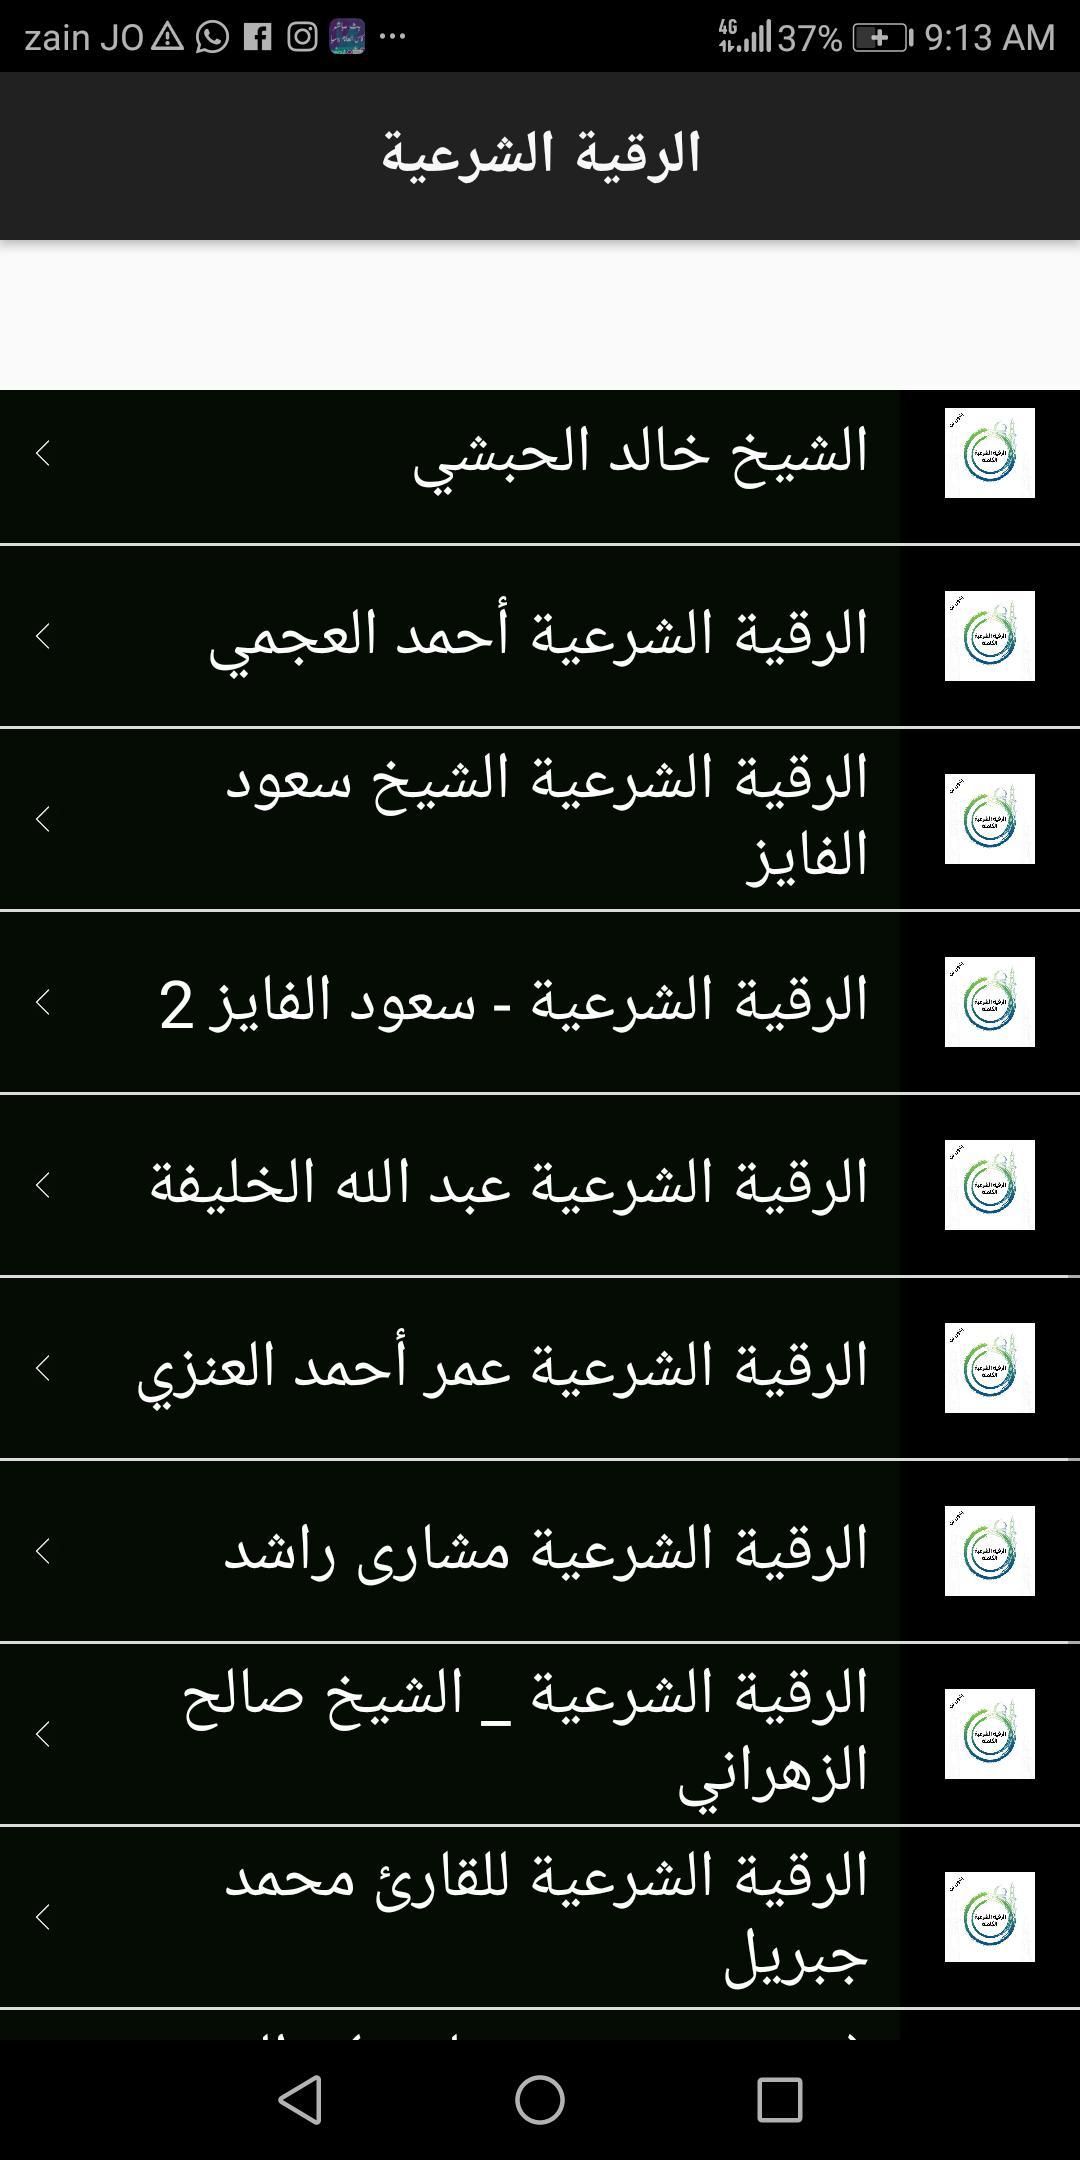 الرقية الشرعية الصوتية سعود الفايز For Android Apk Download